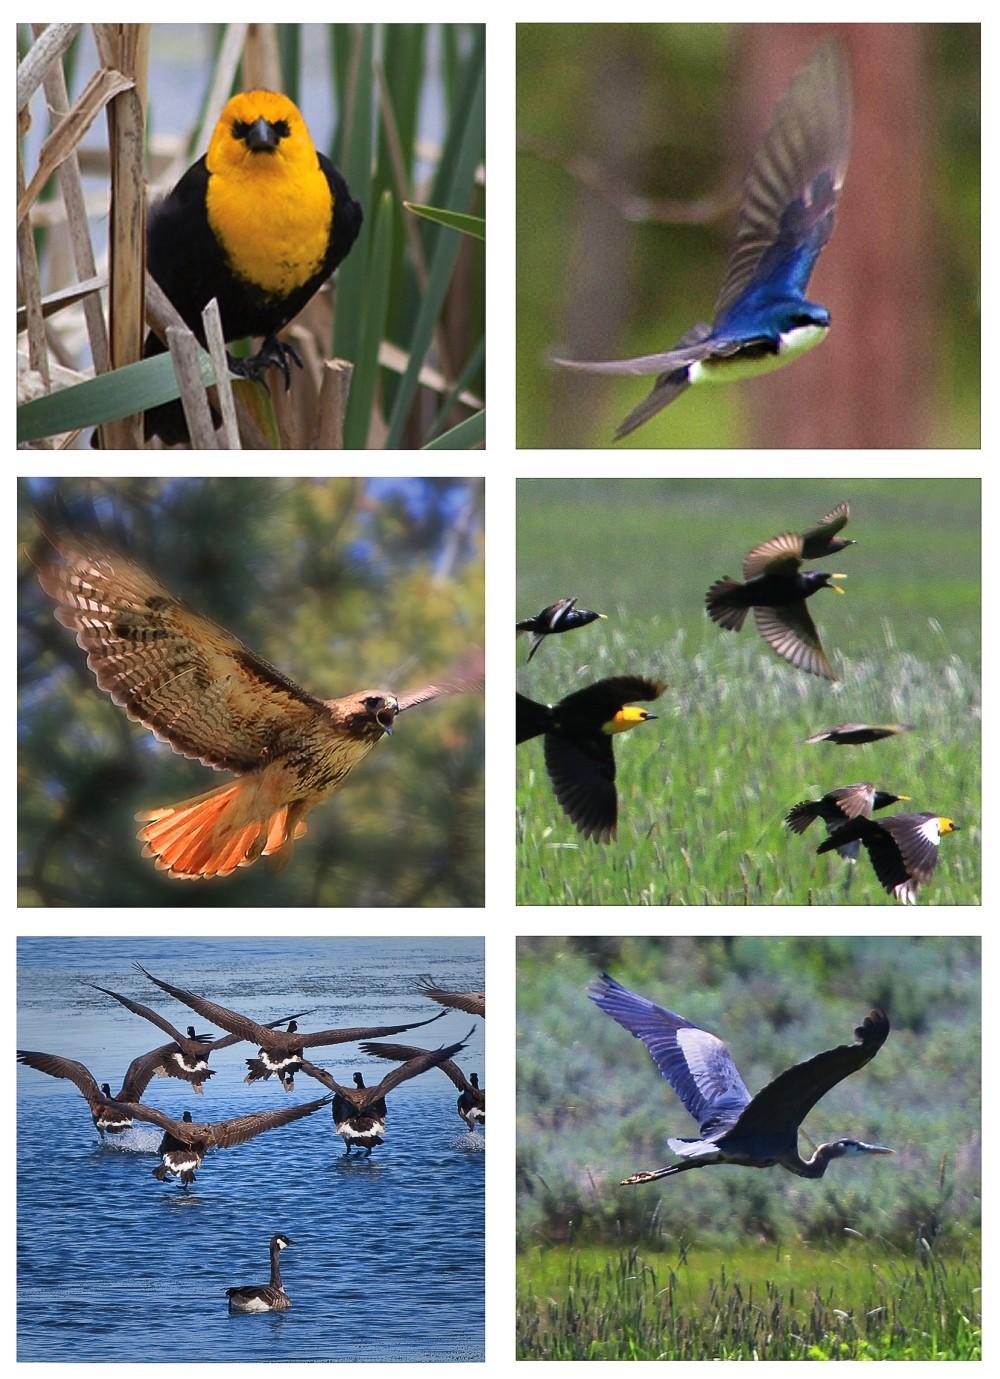 Various bird species of the Blackfoot Valley in Montana.